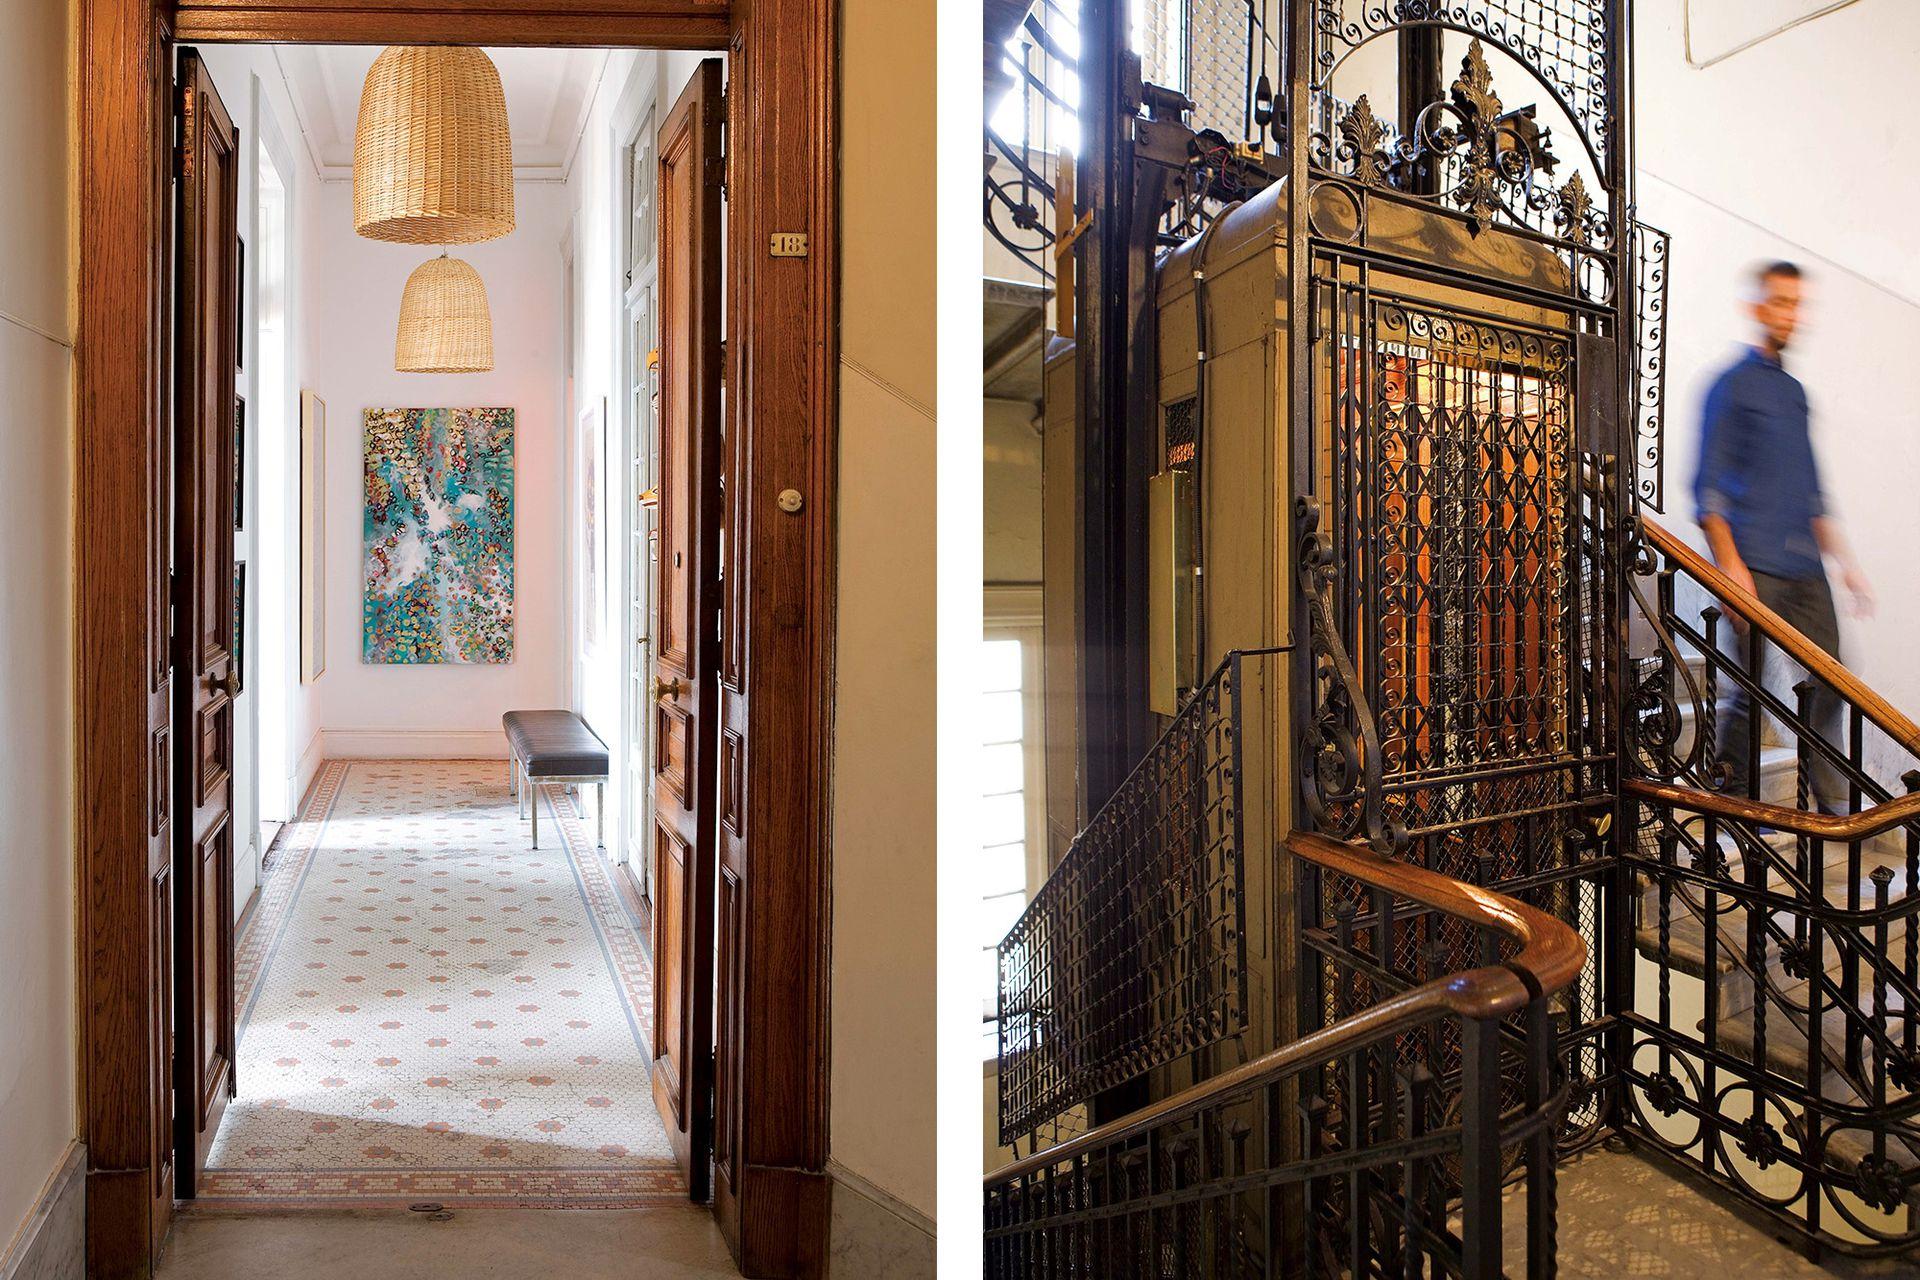 En el hall de entrada y distribución, con piso de mosaicos y puertas originales, lámparas de mimbre, banqueta vintage y obra de Ginette Reynal.